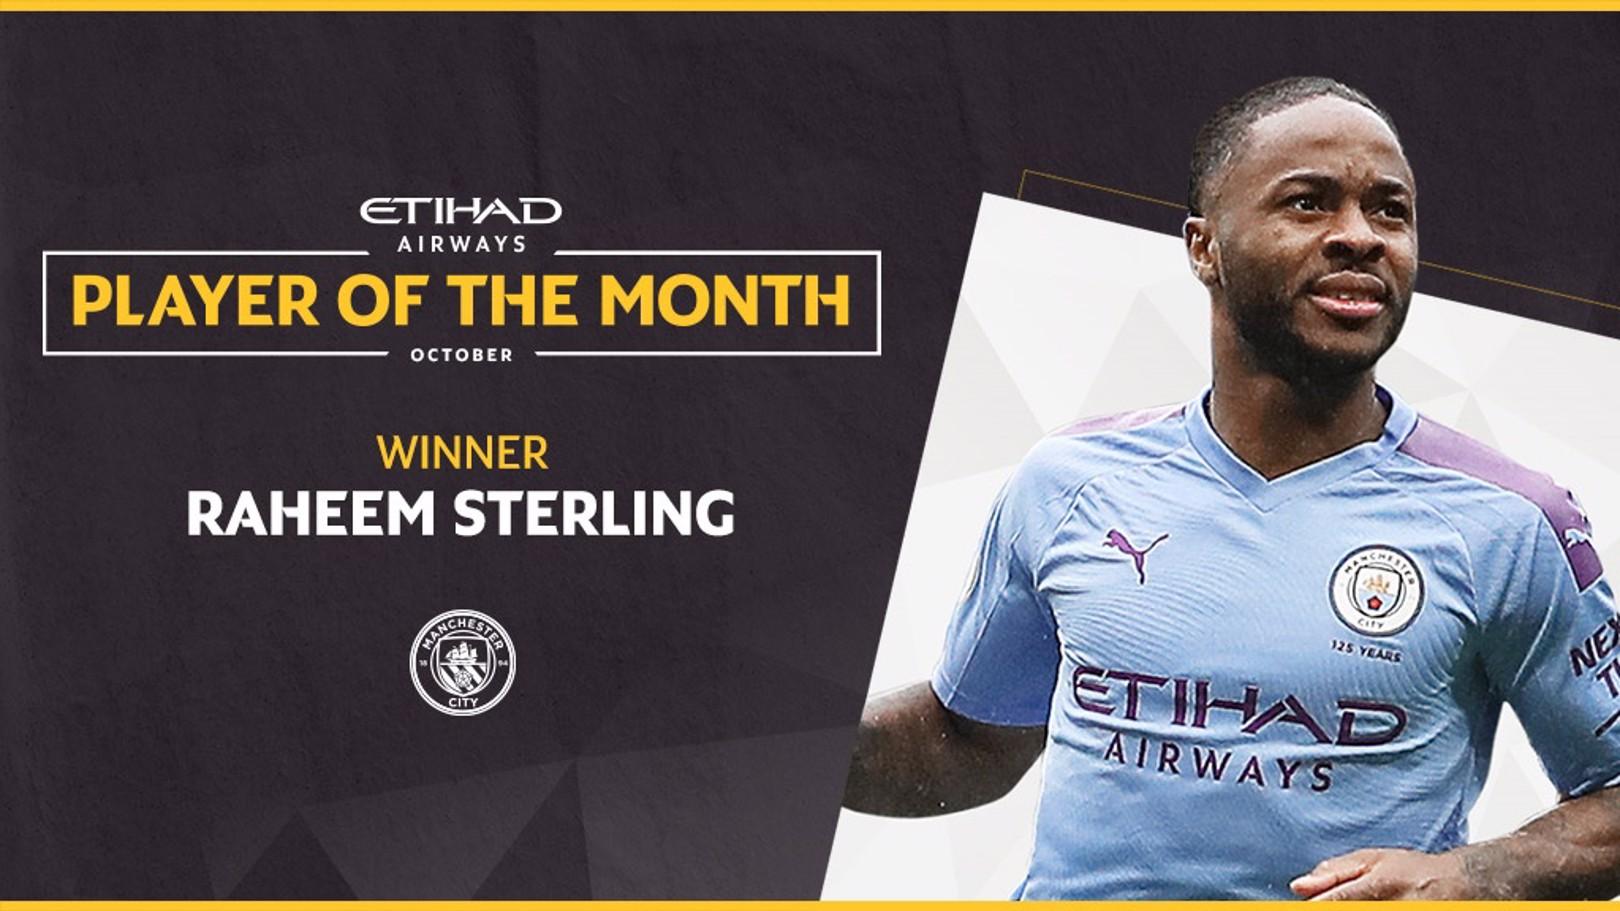 Sterling élu joueur Etihad du mois d'octobre